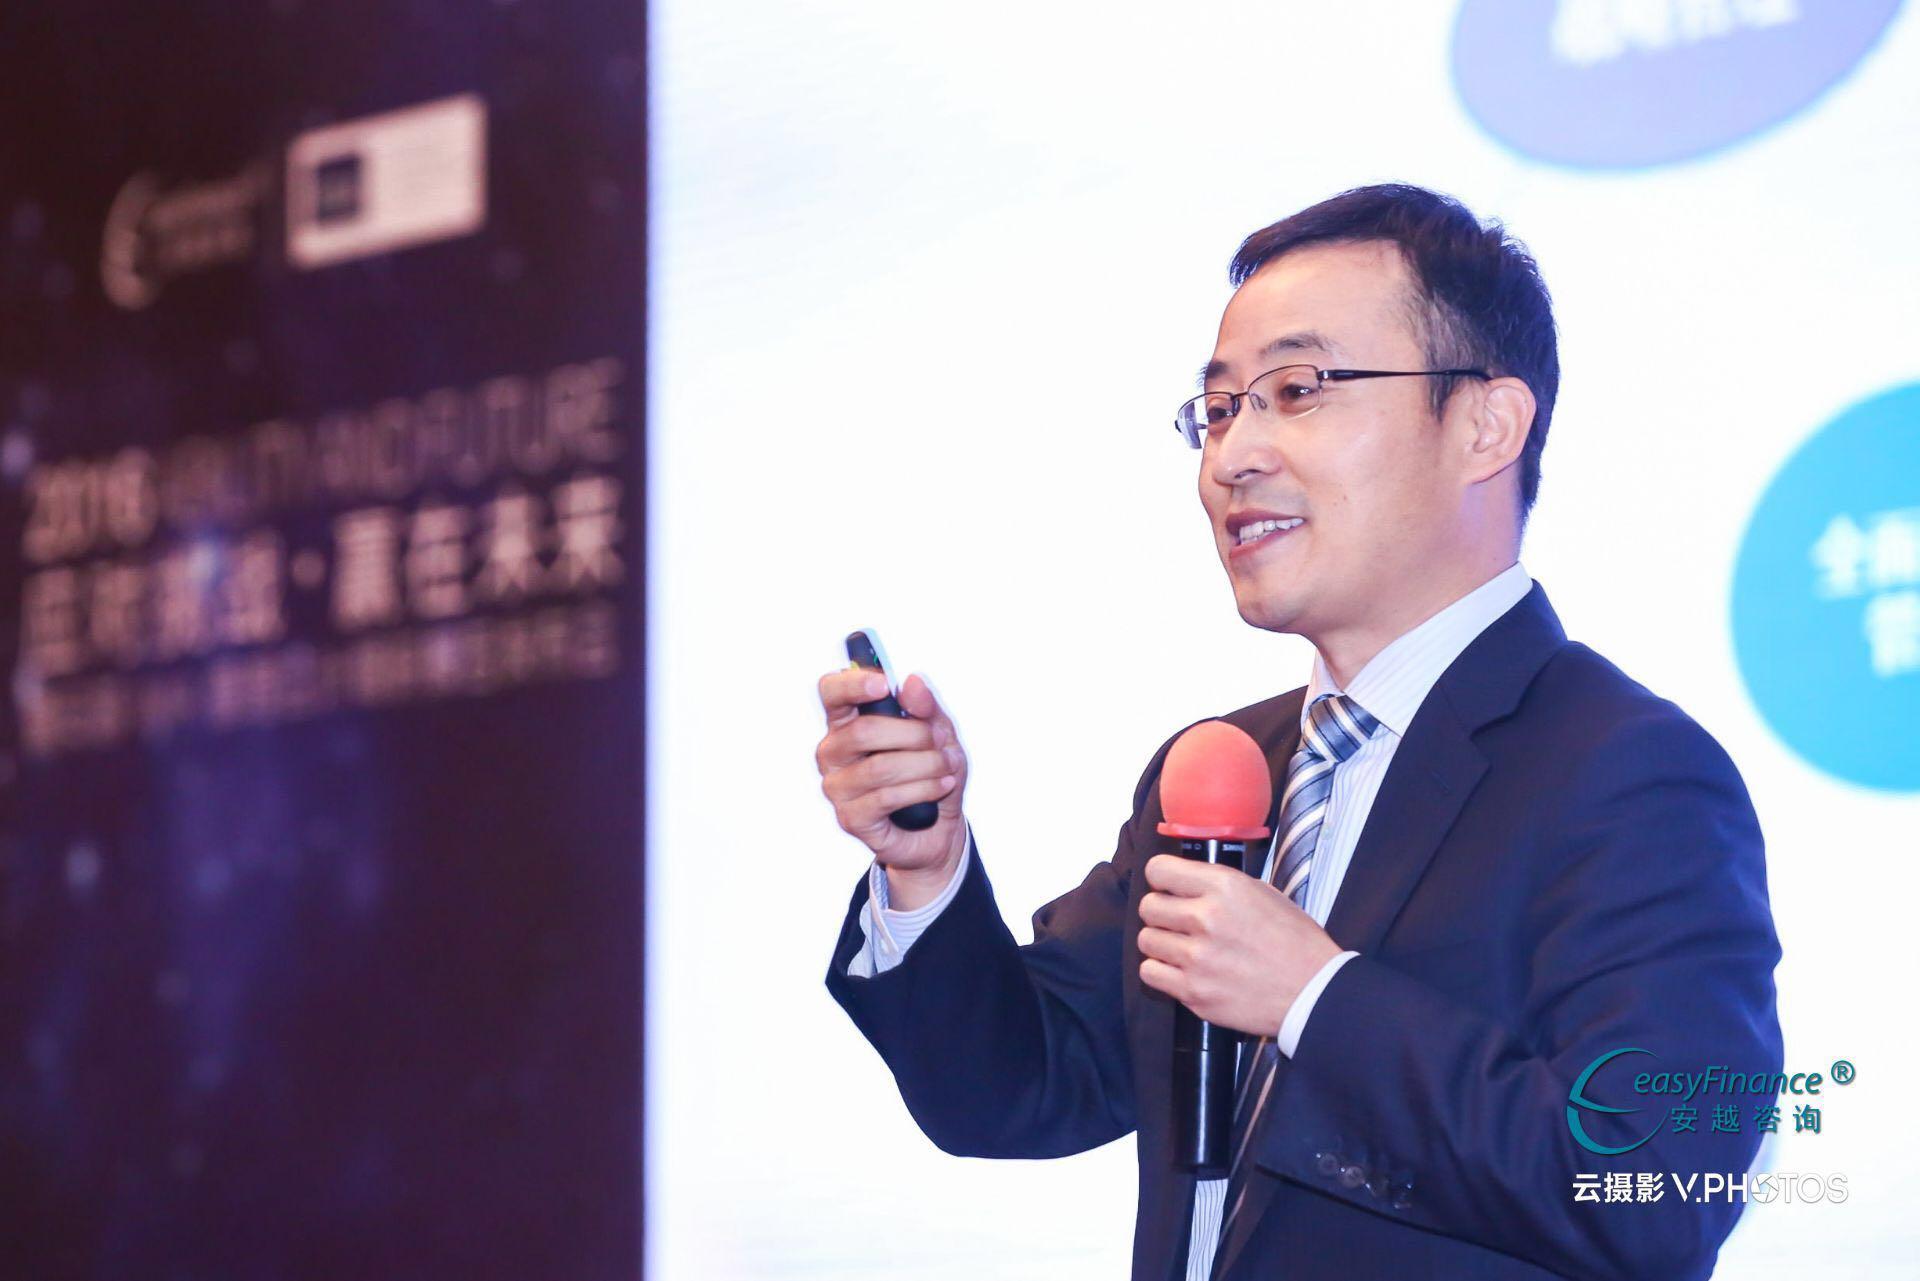 元年科技总裁 韩向东先生  阐释信息化工具如何助力管理会计落地